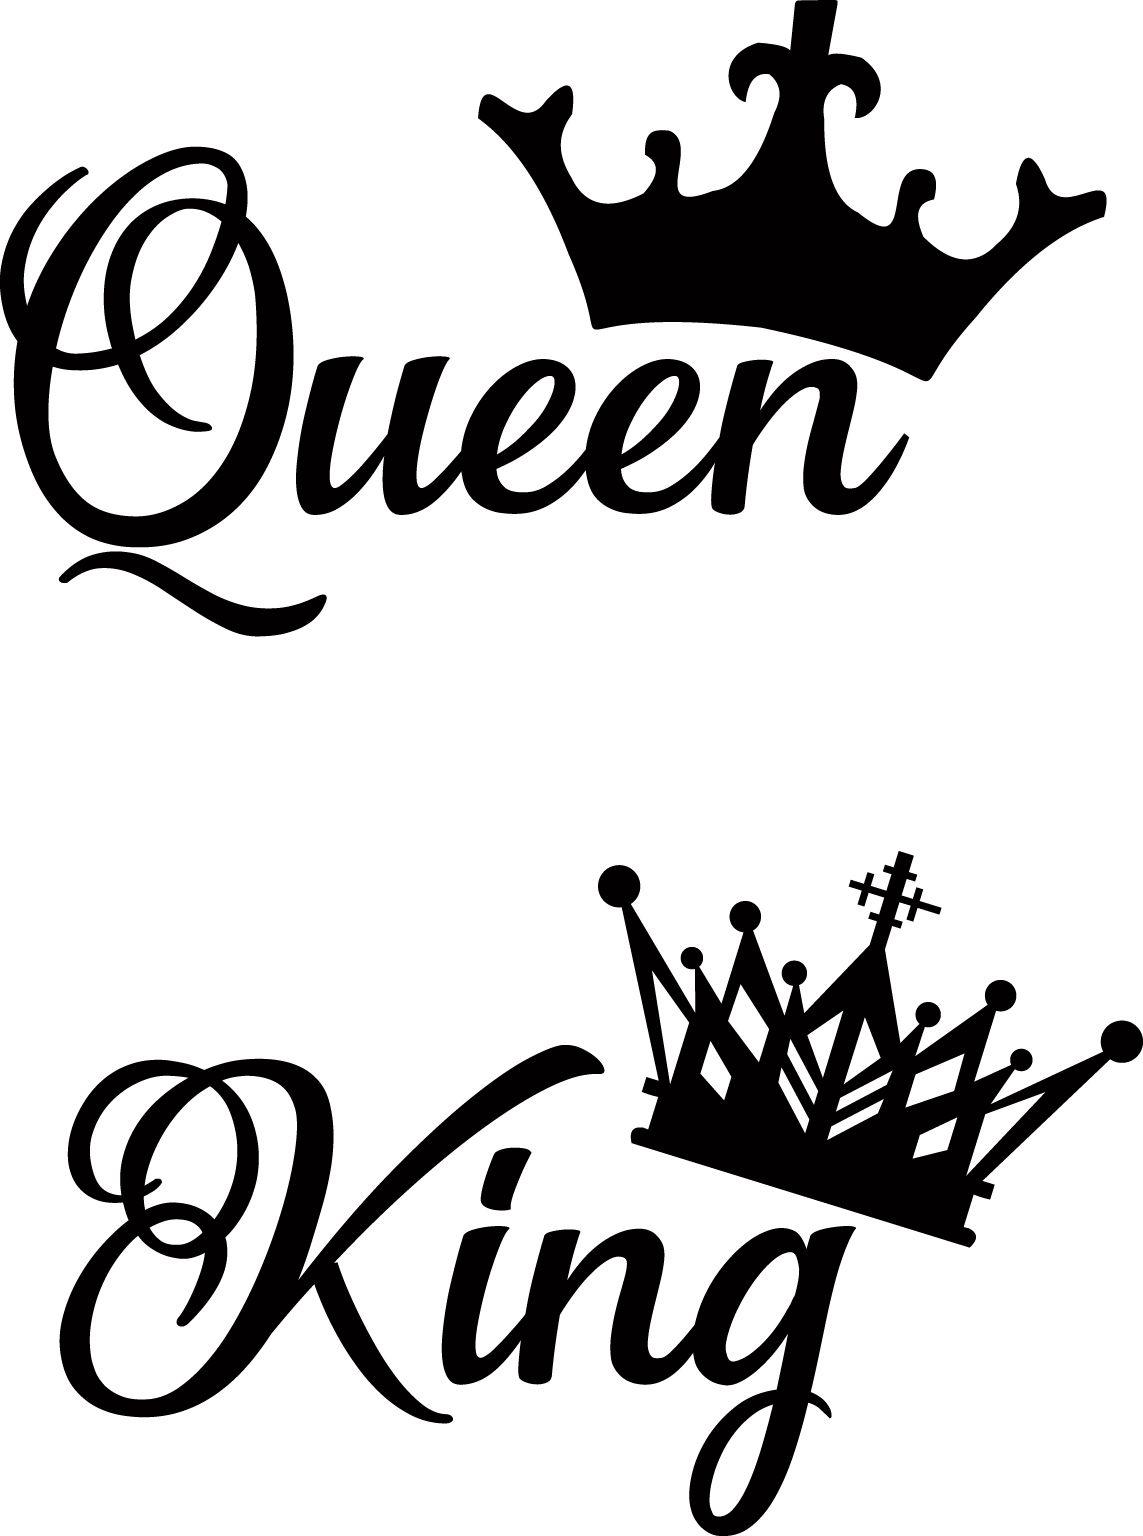 Archivos Compartidos Vectores Queen Y King Corona Dibujo Estilos De Letras Tatuaje De Reina